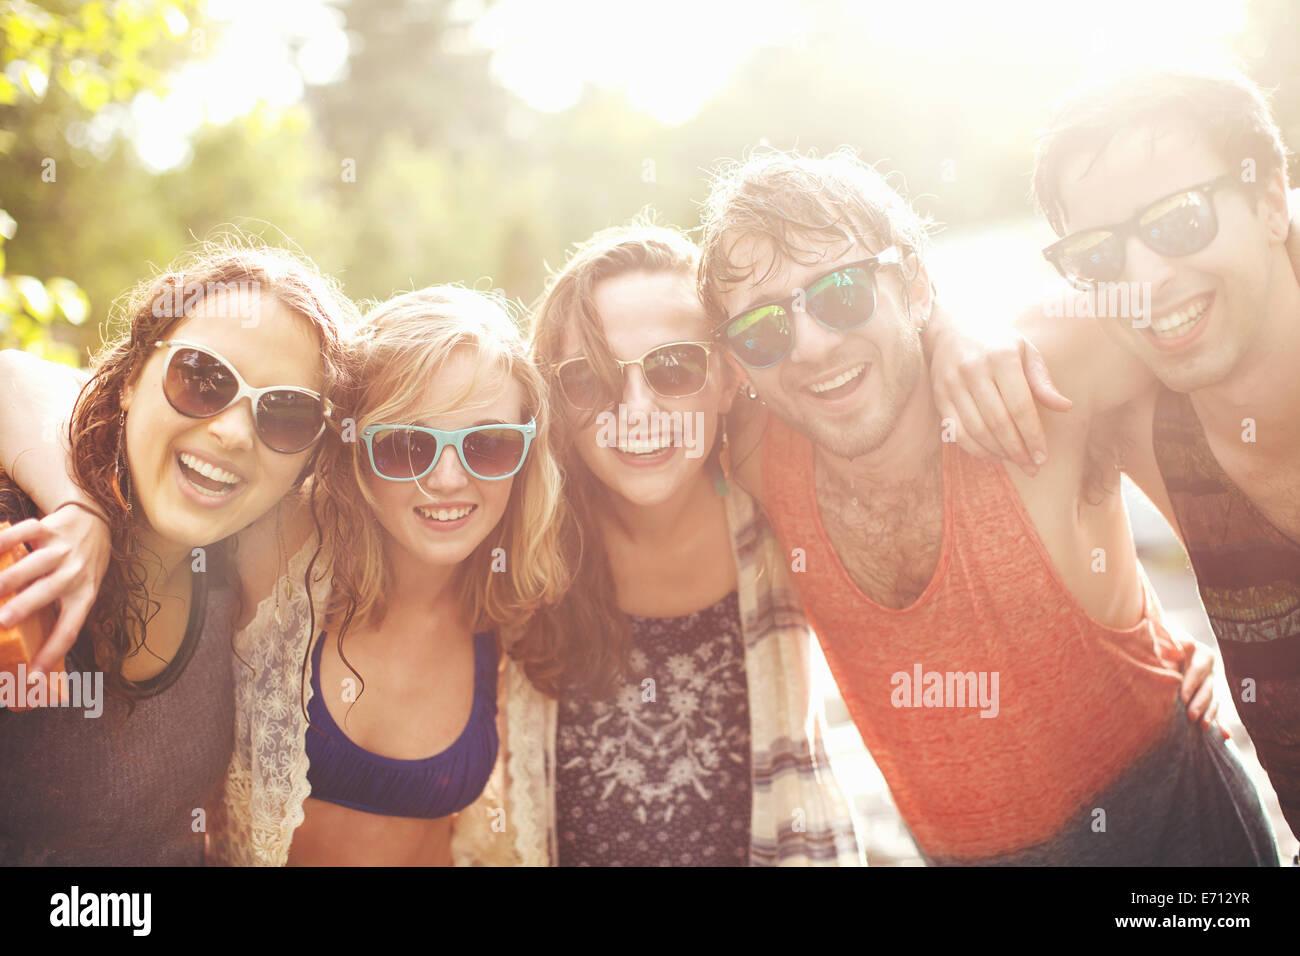 Fünf Freunde mit Arme um einander, portrait Stockbild